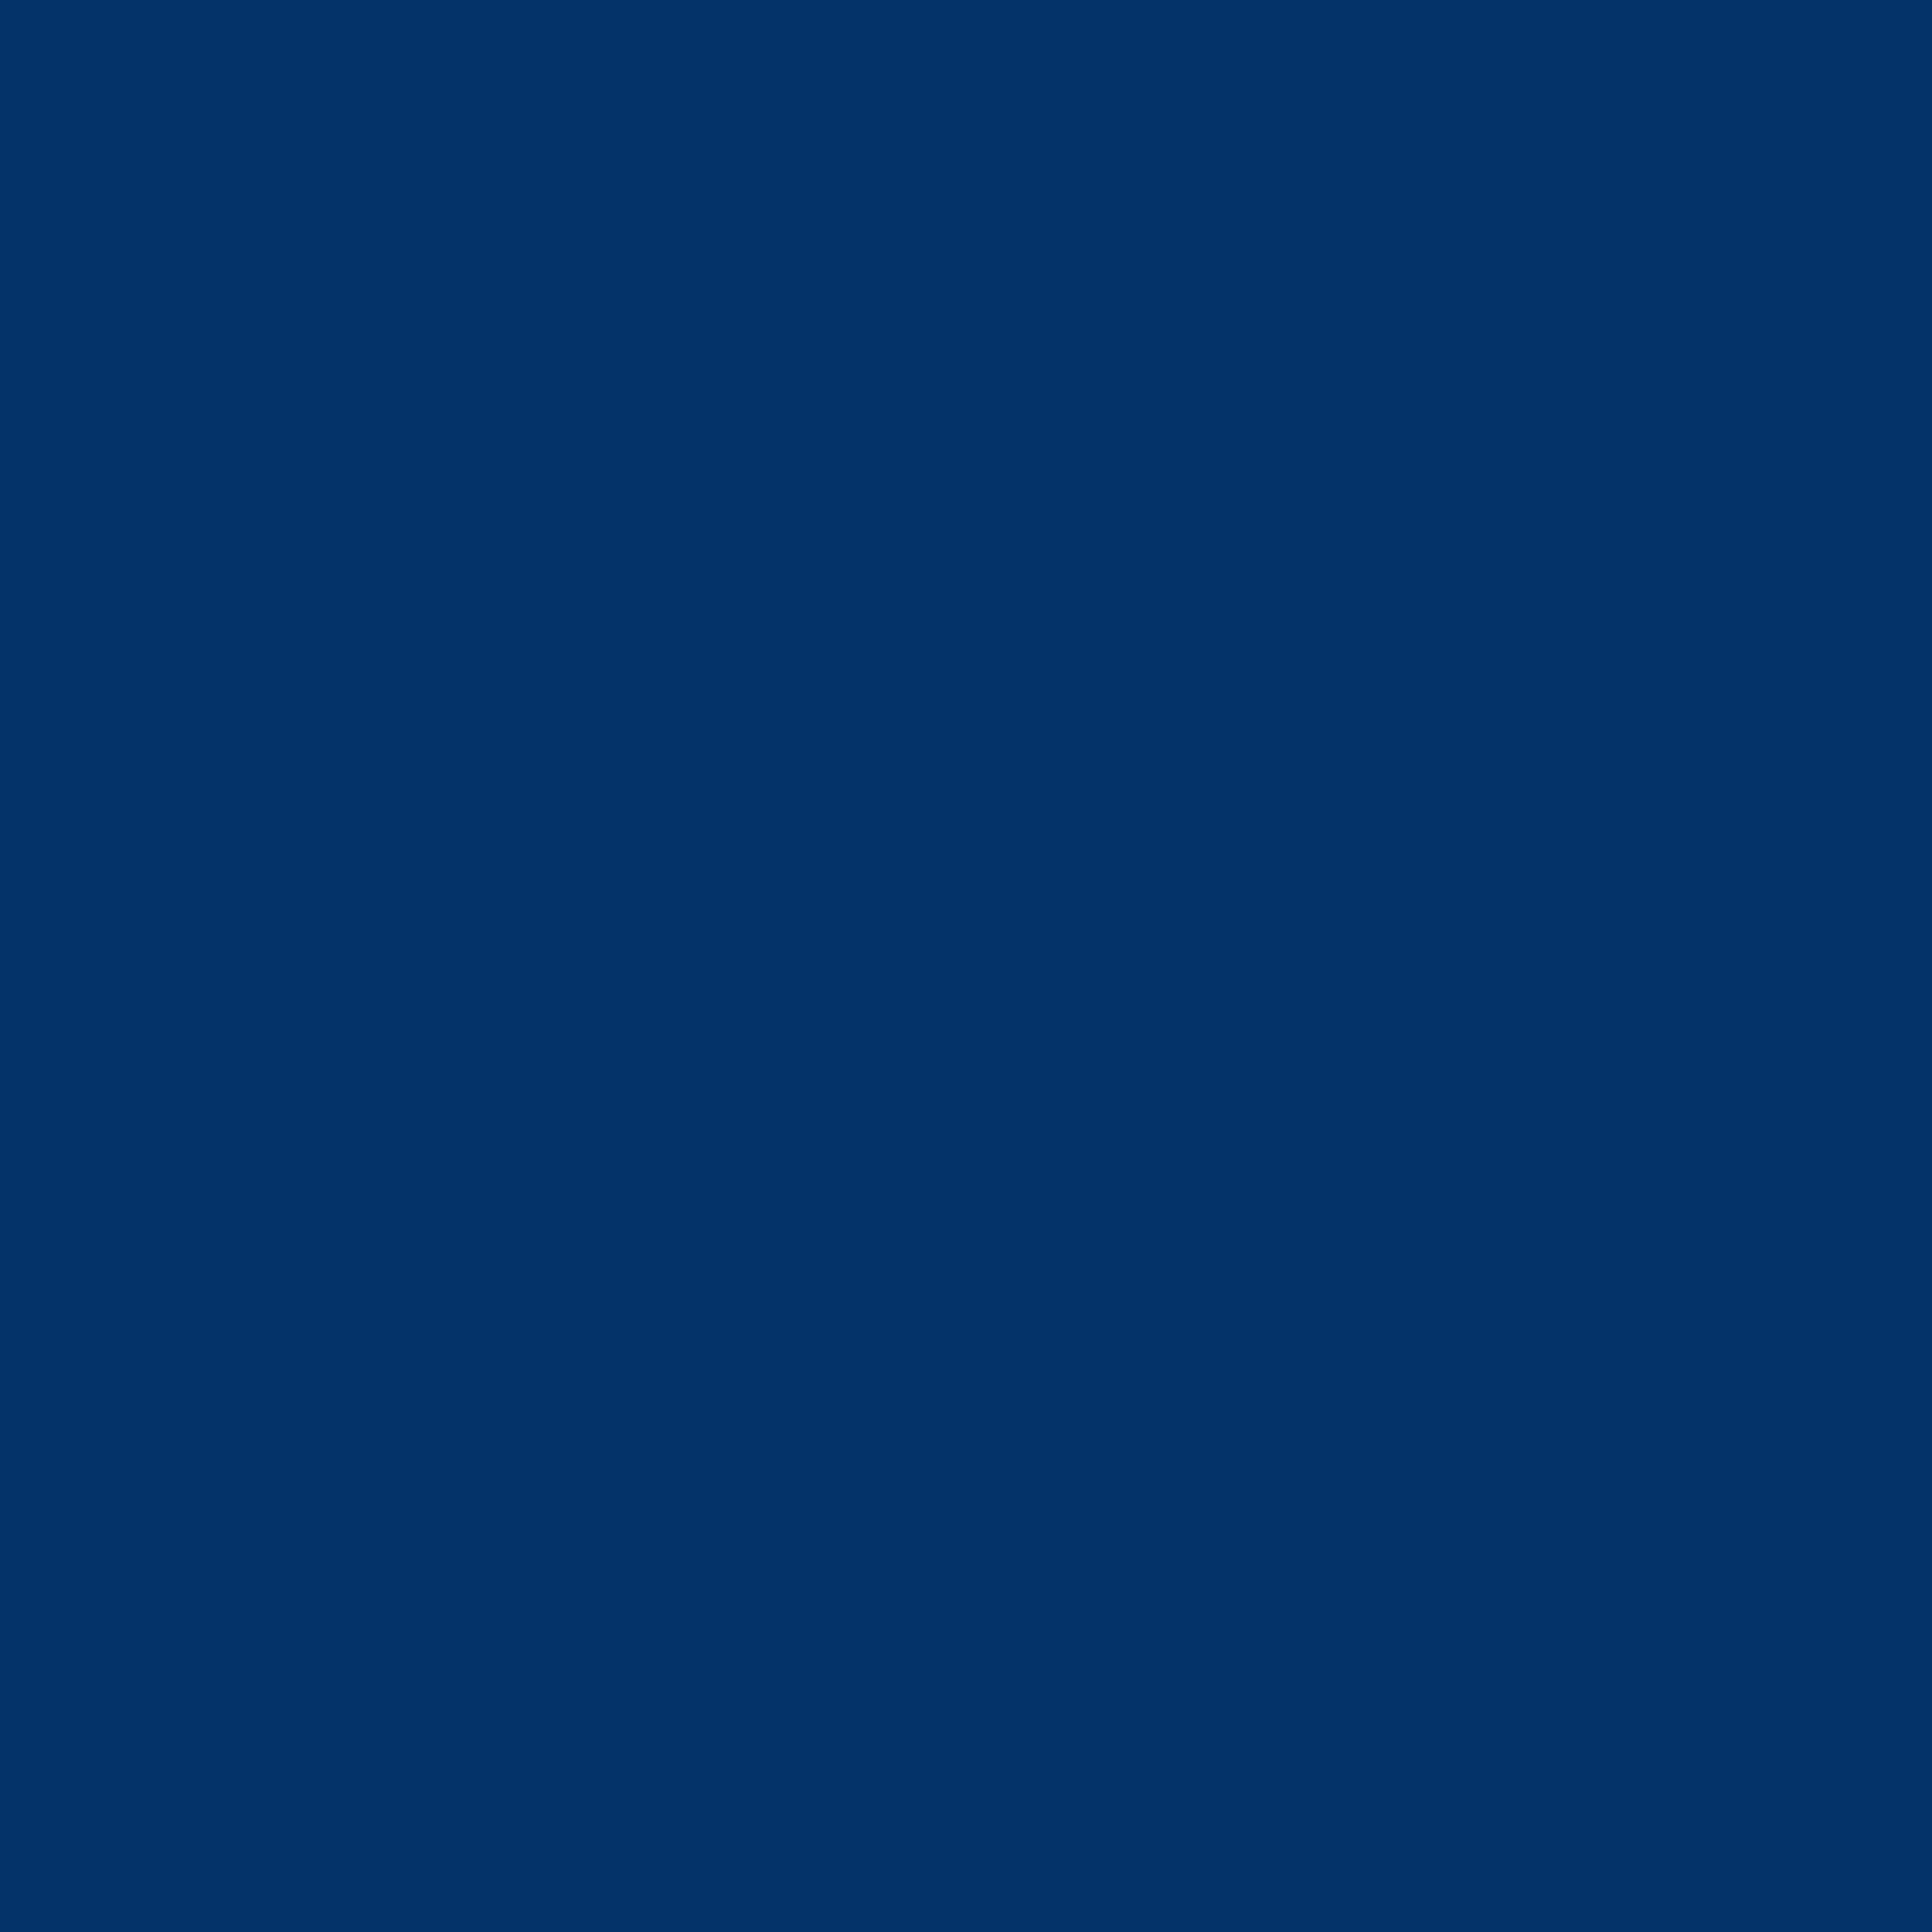 Bluemélange